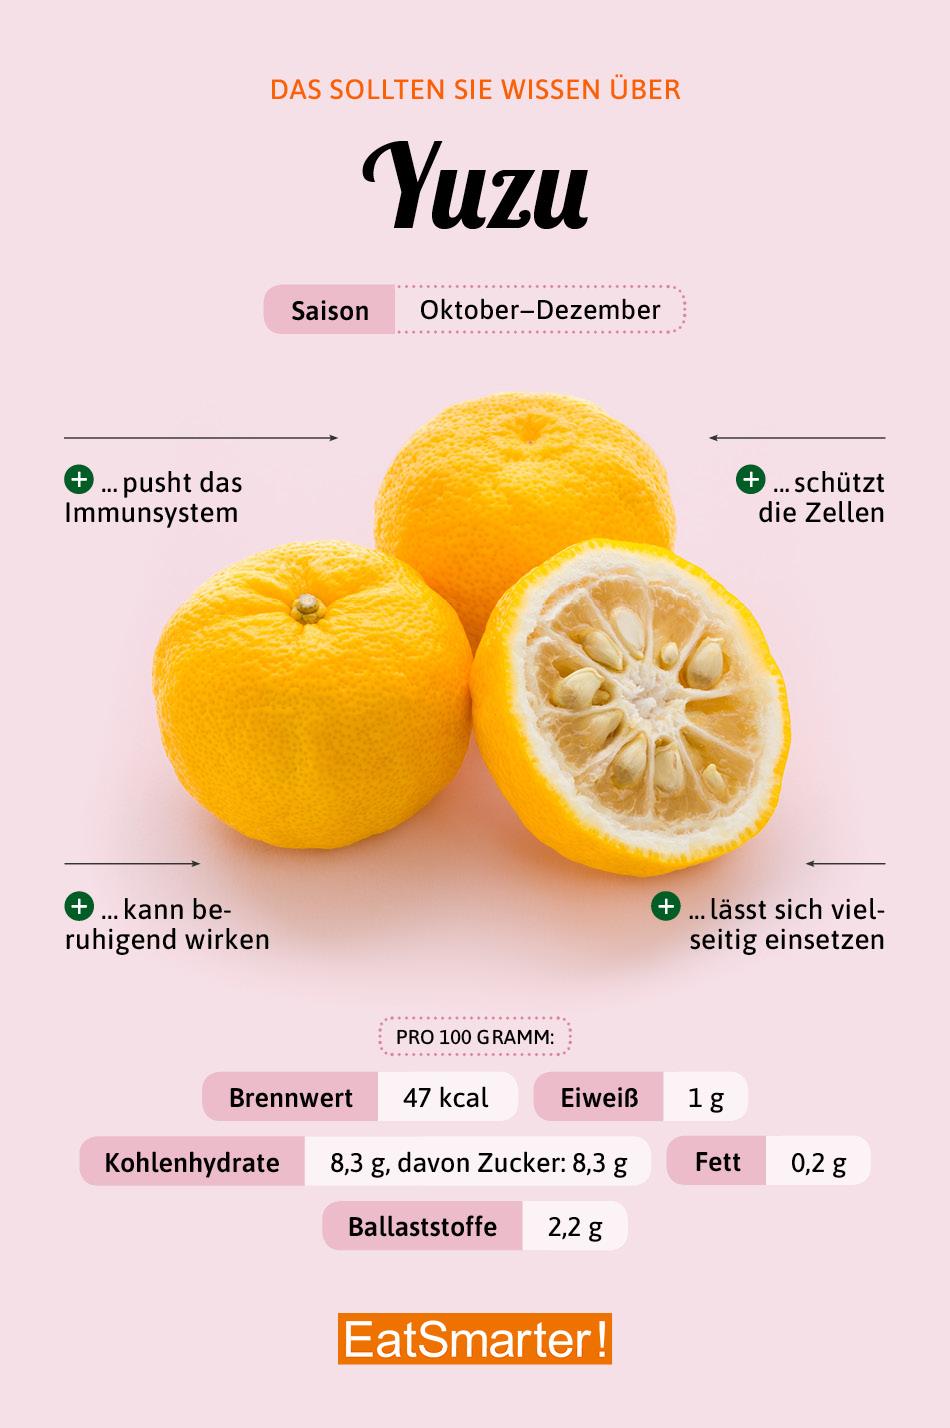 Yuzu Infografik